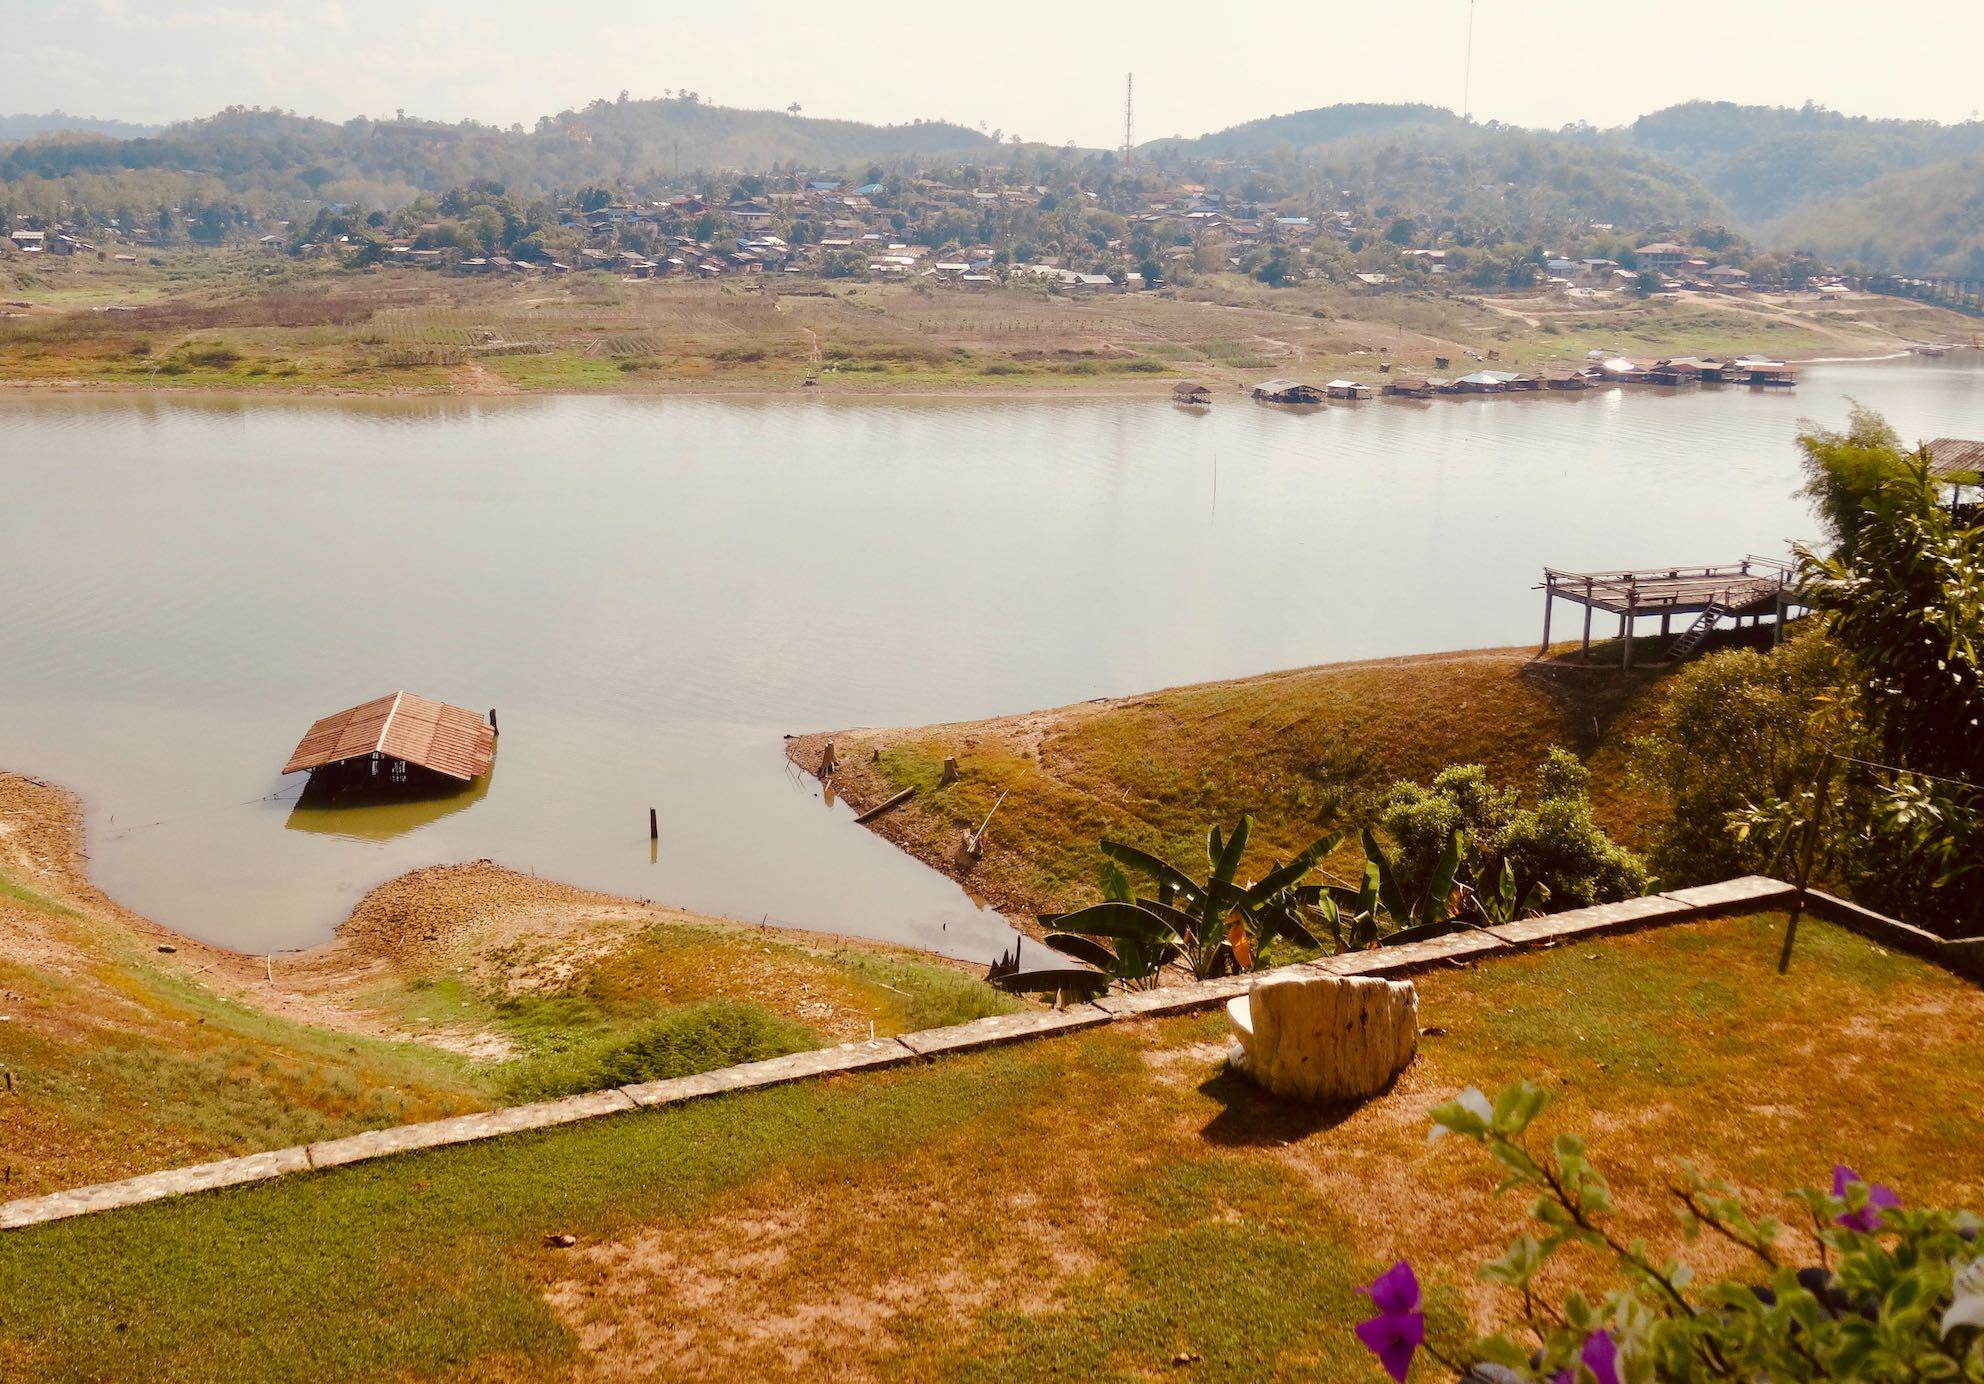 Khao Laem Reservoir in Sangkhlaburi